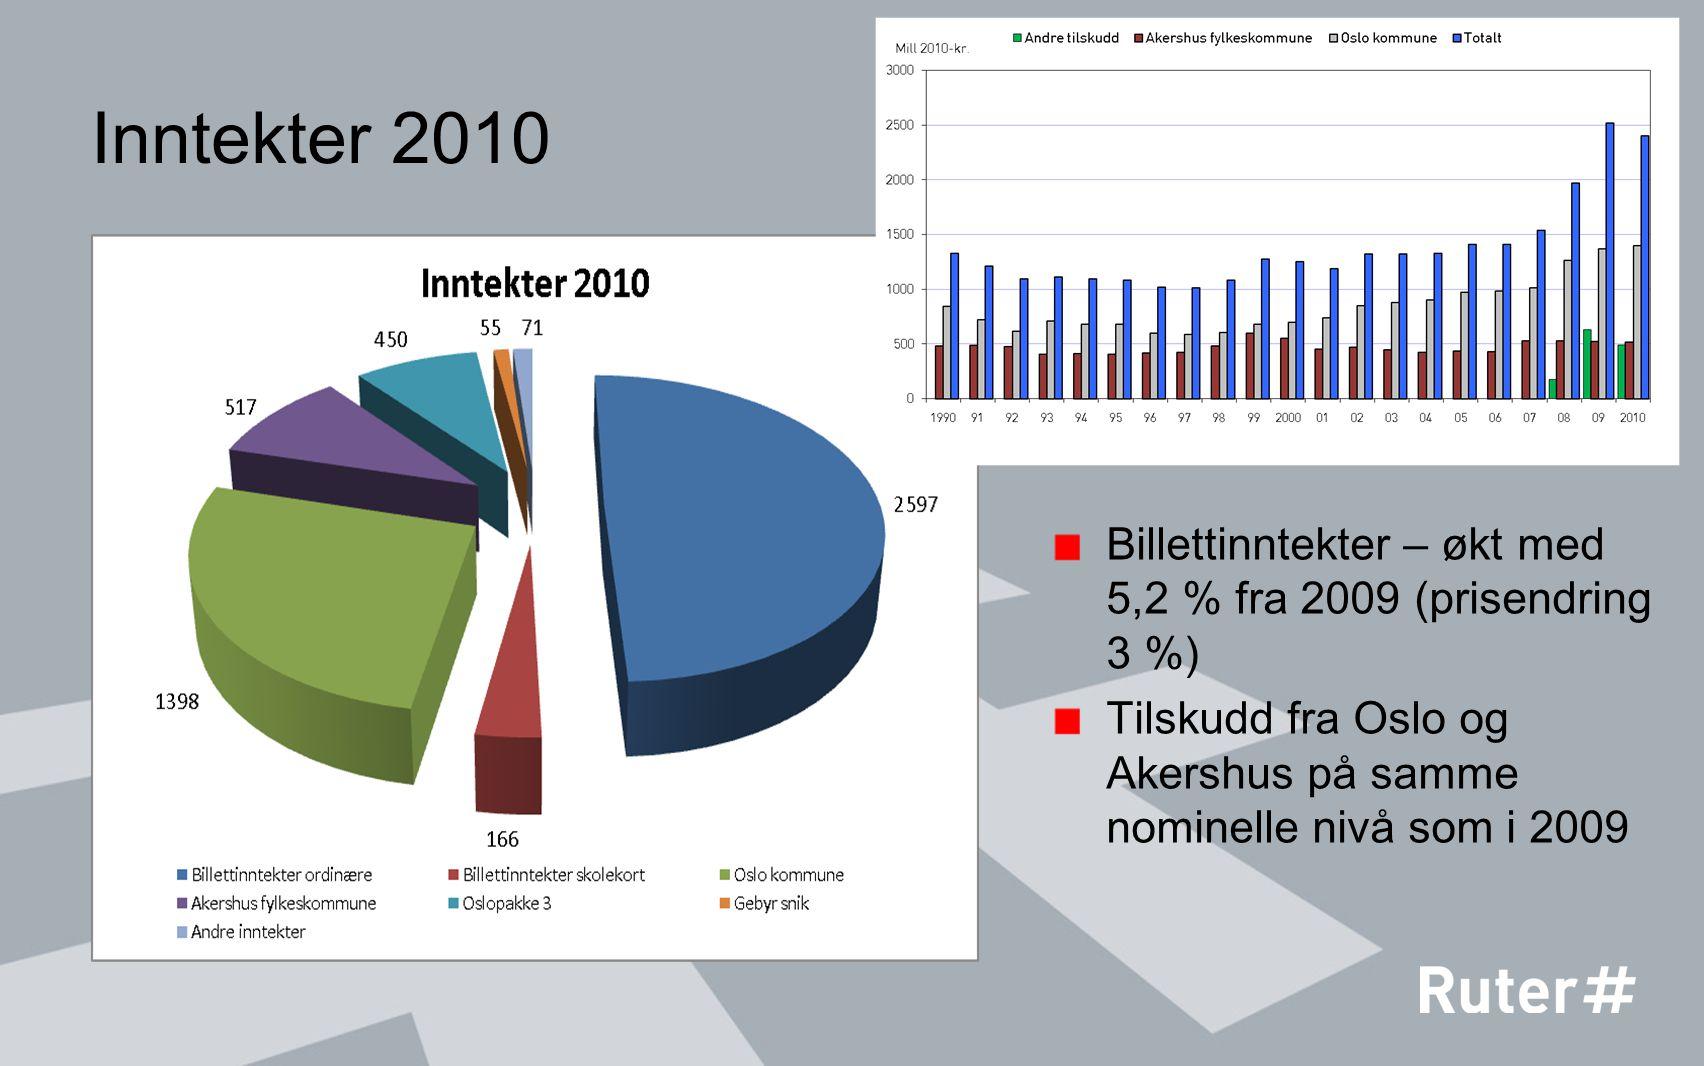 Inntekter 2010 Billettinntekter – økt med 5,2 % fra 2009 (prisendring 3 %) Tilskudd fra Oslo og Akershus på samme nominelle nivå som i 2009